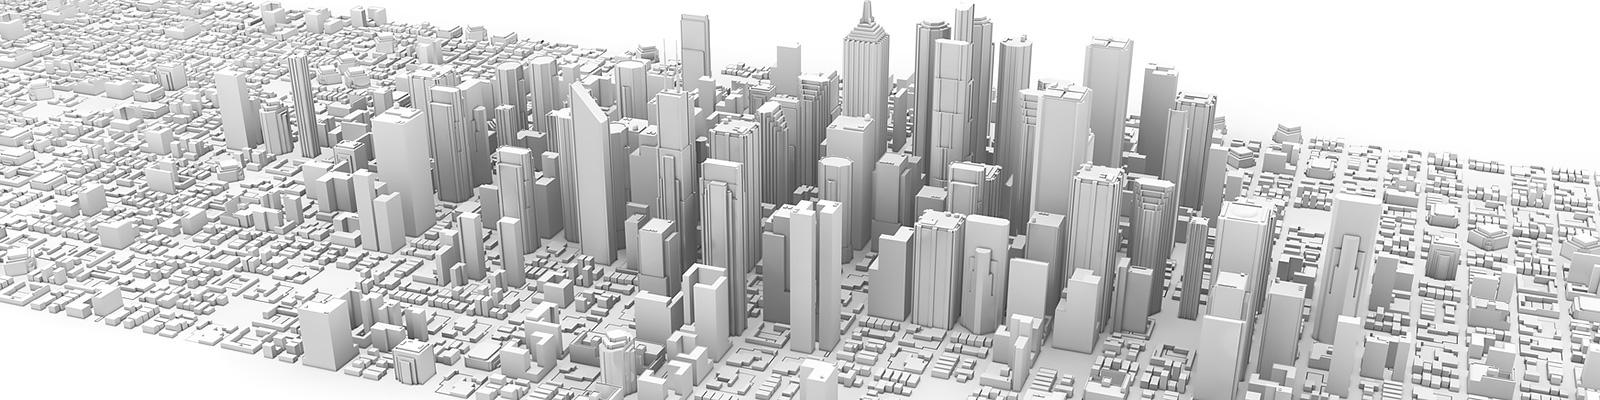 都市 基盤 イメージ